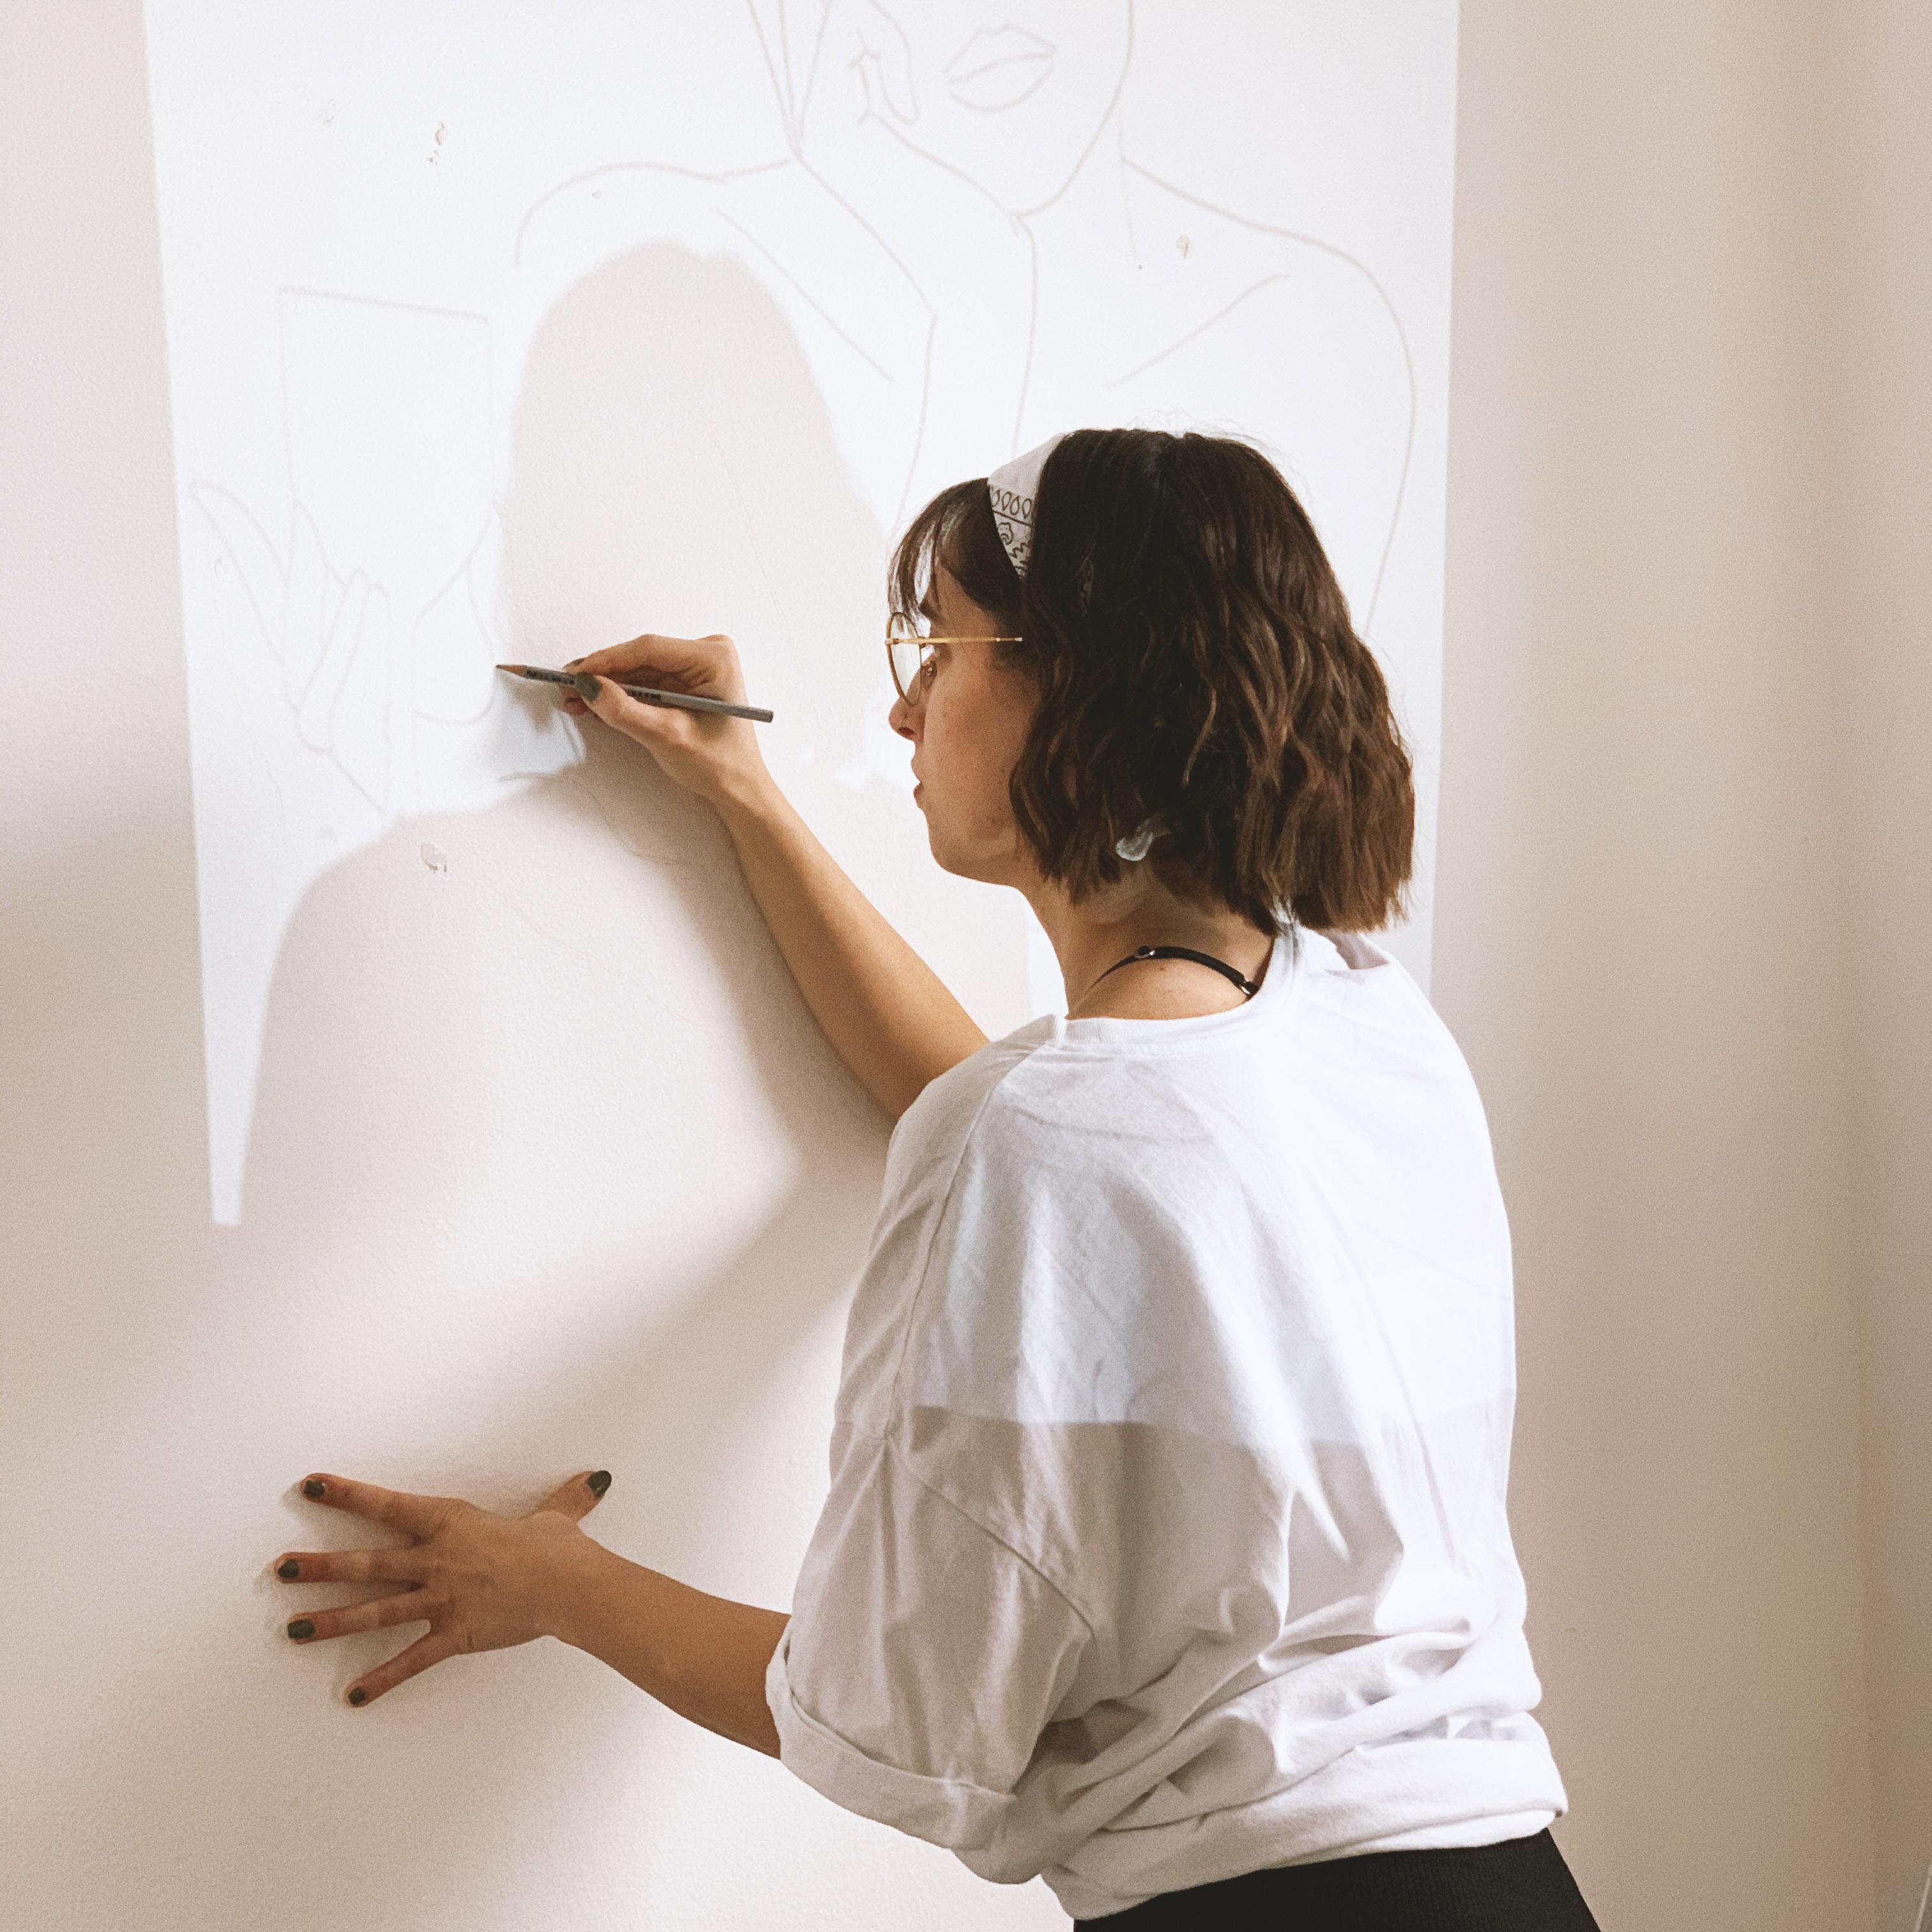 Das Malen ist für Anna ein Ausgleich zum Schreiben der Bachelorarbeit.